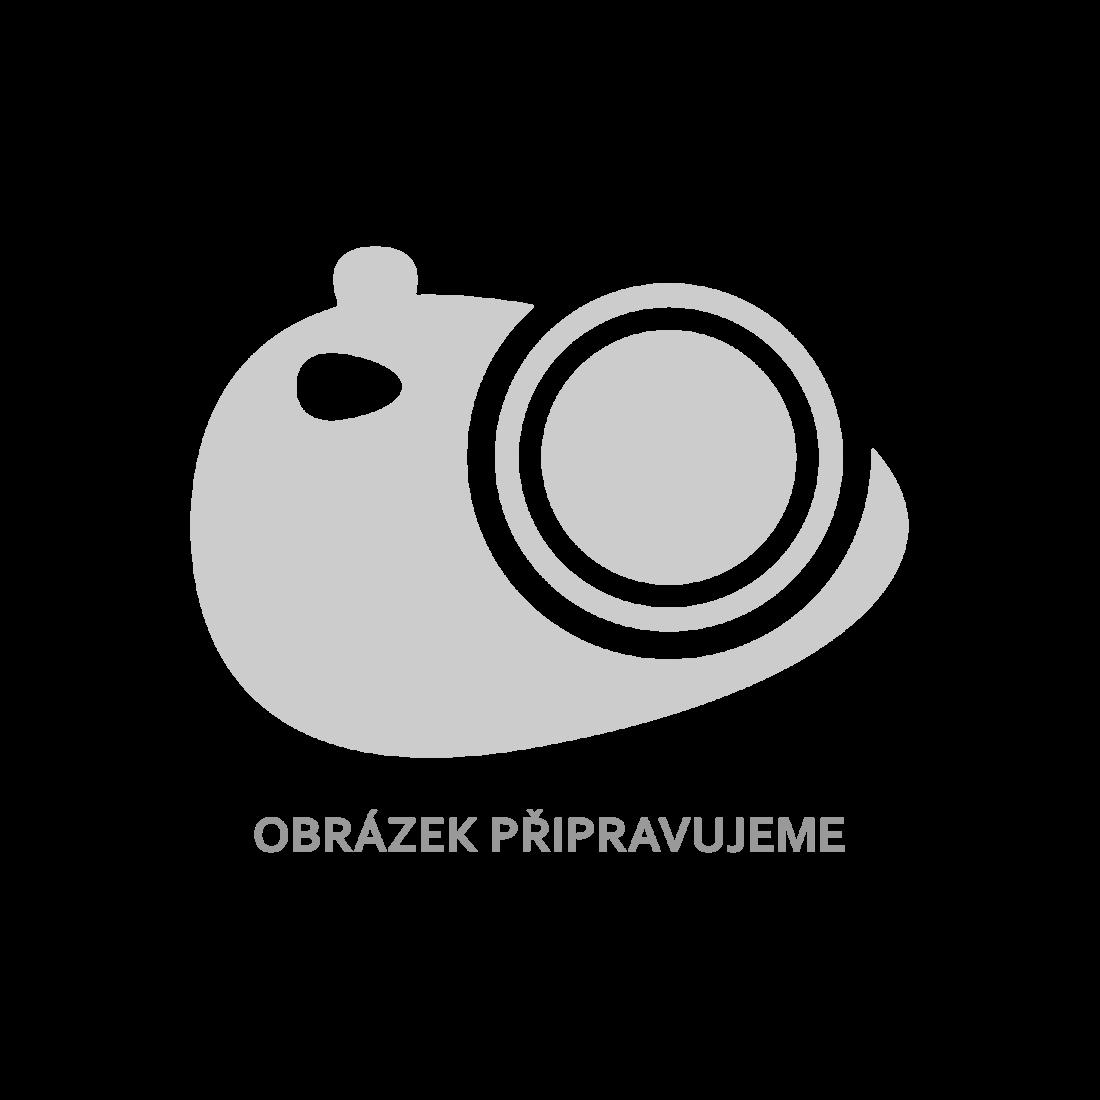 Impregnovaná brána laťový plot 2 ks 300x100 cm dřevo